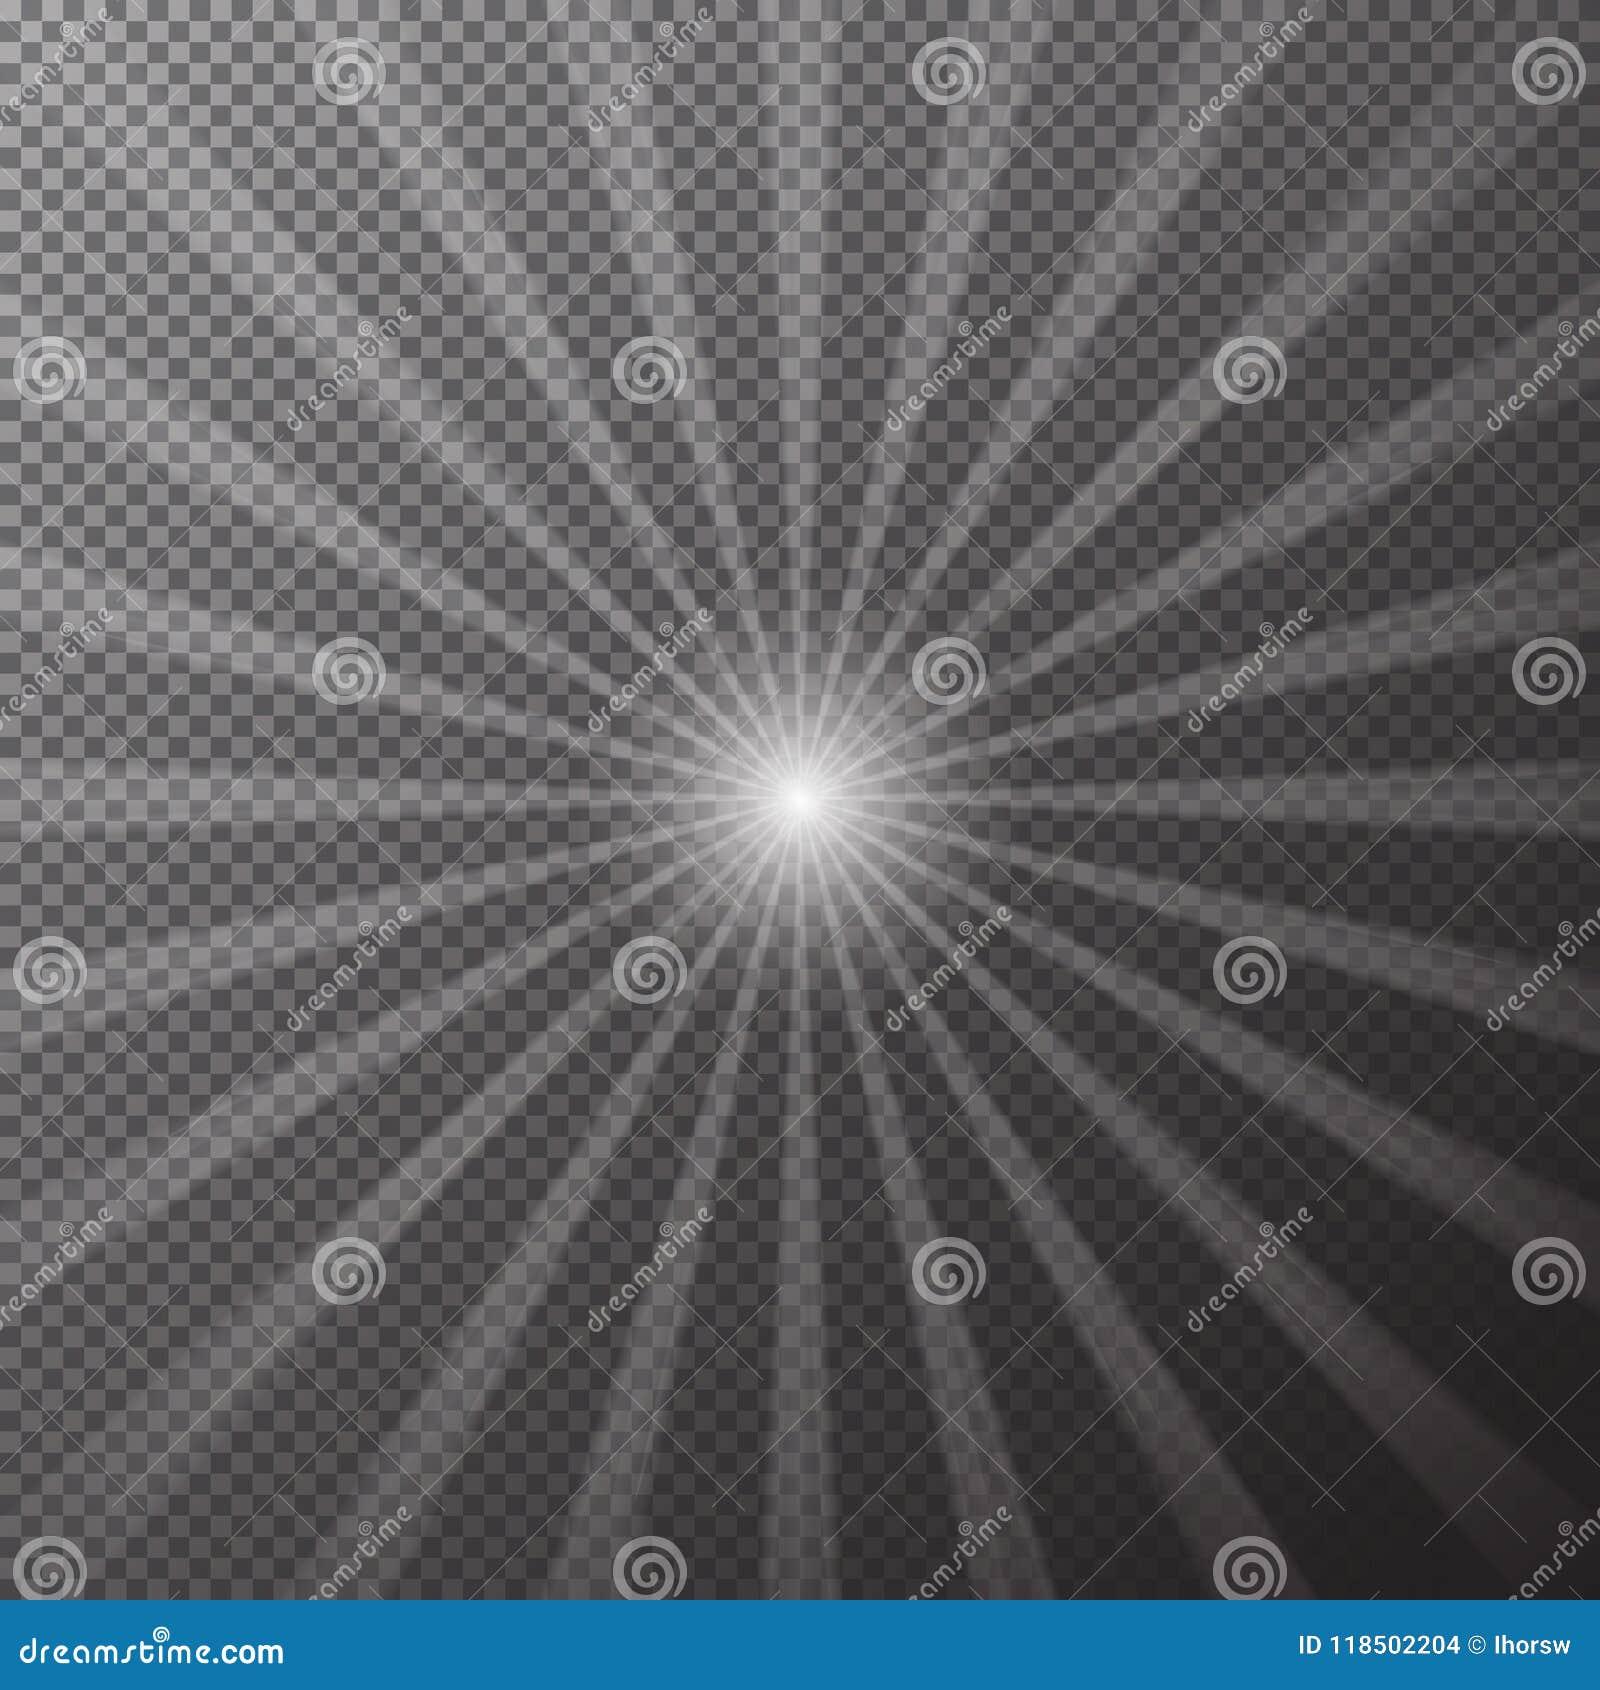 透明明亮的太阳在方格的背景发光 太阳作用不可思议的光芒  传染媒介illustrat